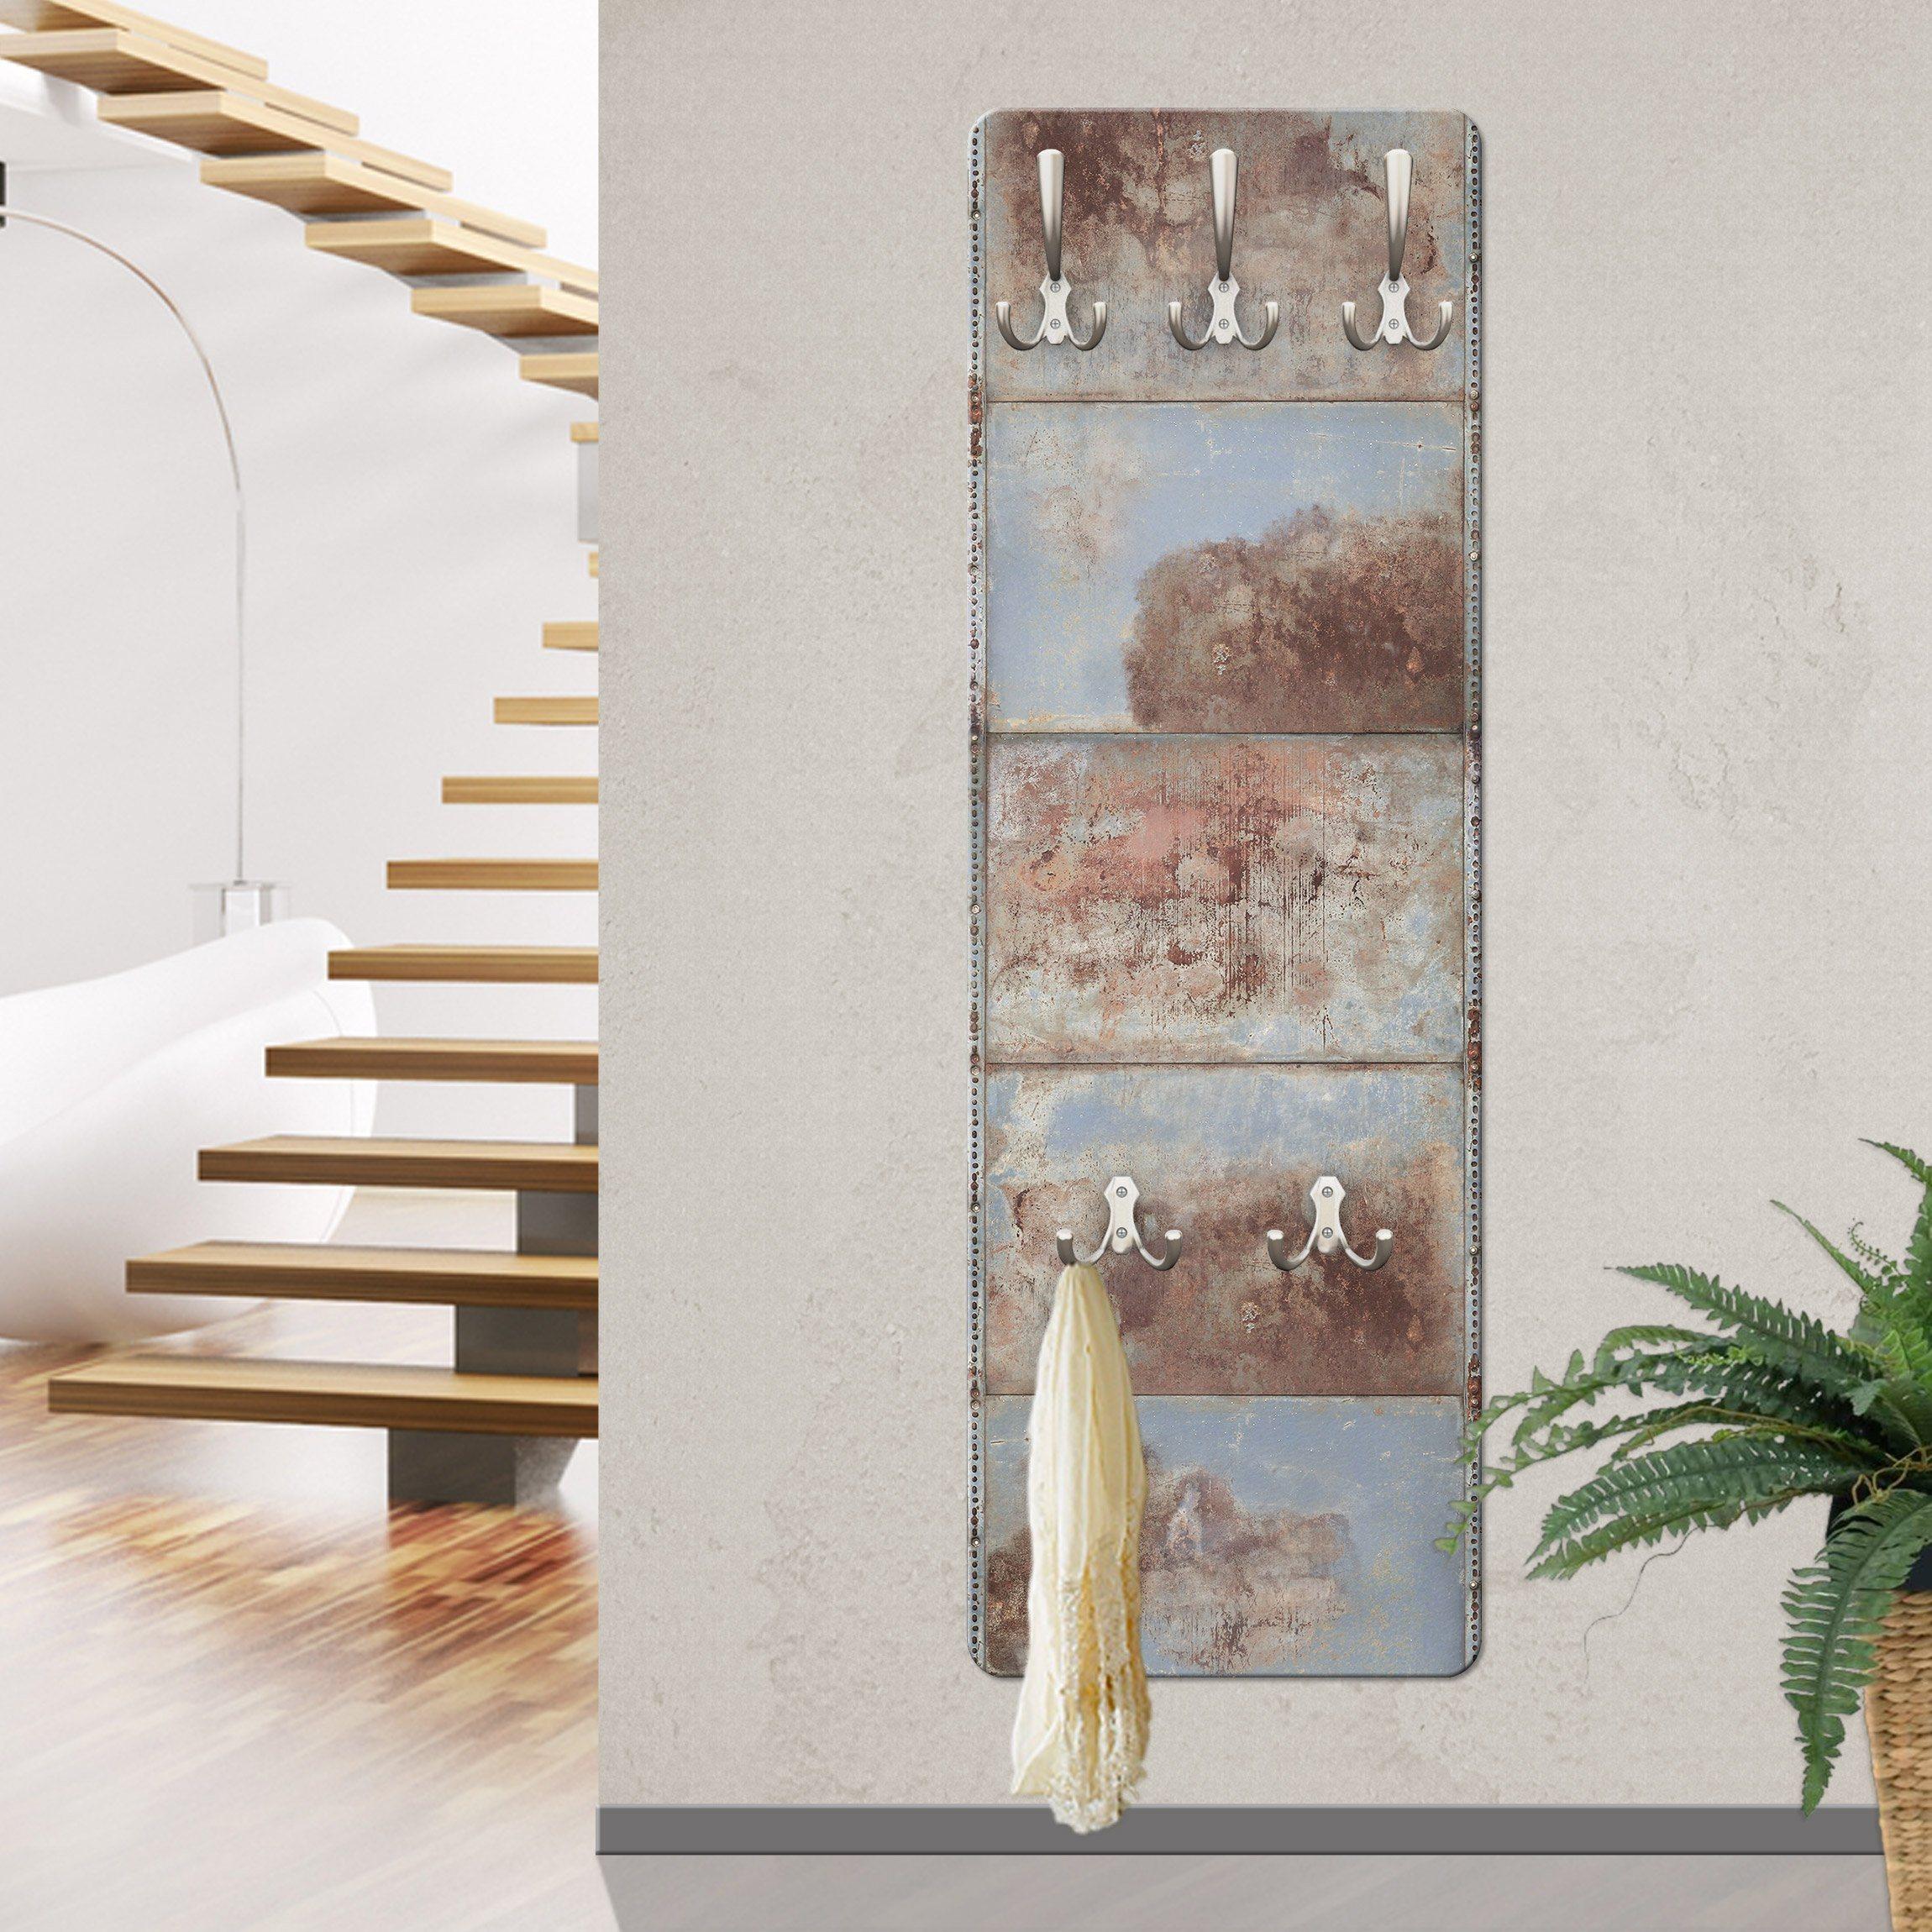 Bilderwelten Wandgarderobe »Shabby Industrial Metalloptik« | Flur & Diele > Garderoben > Garderobenhaken | Weiß - Matt | Holz - Faserplatte - Metall | Bilderwelten